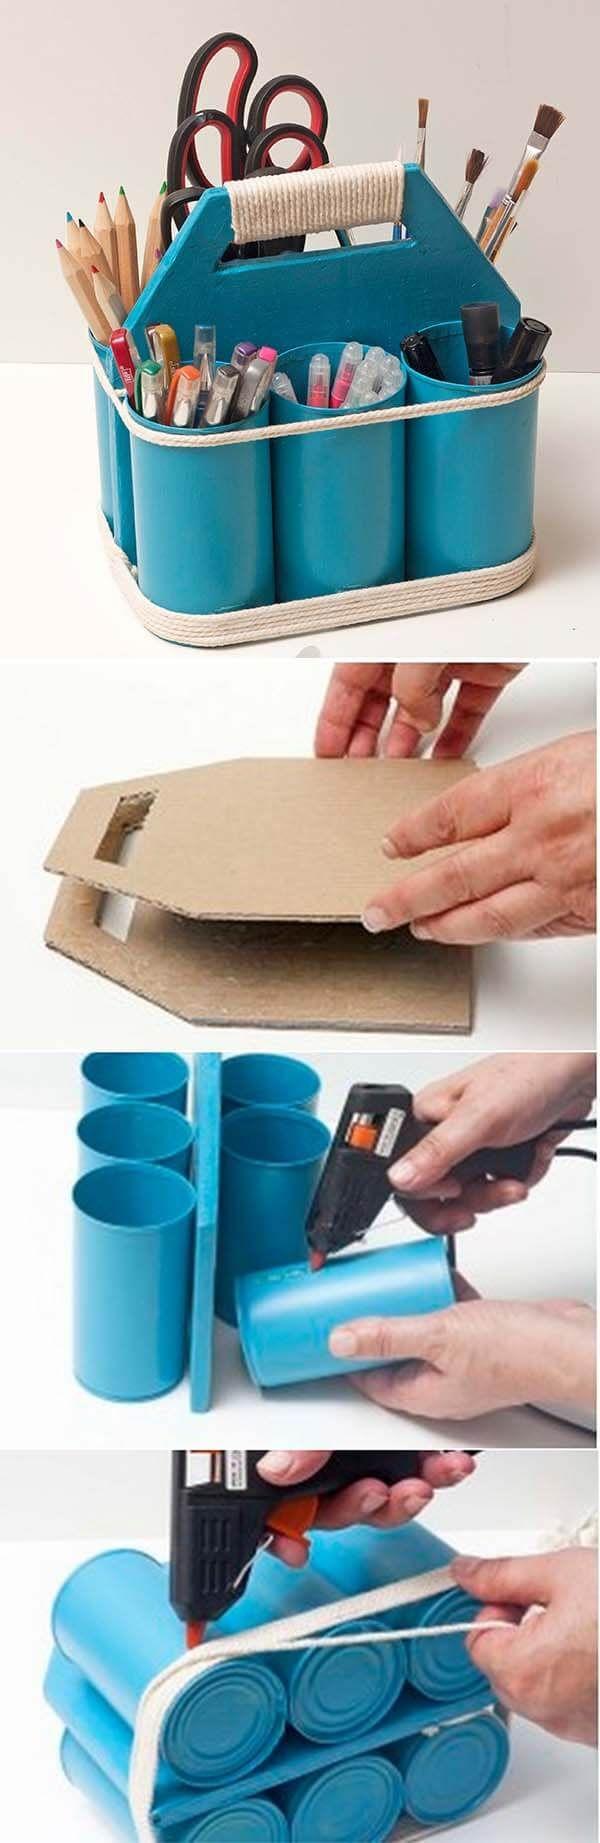 26 Clevere Organisation und Lagerung von PVC-Rohren zur Vereinfachung Ihres Lebens #hausdekodekoration